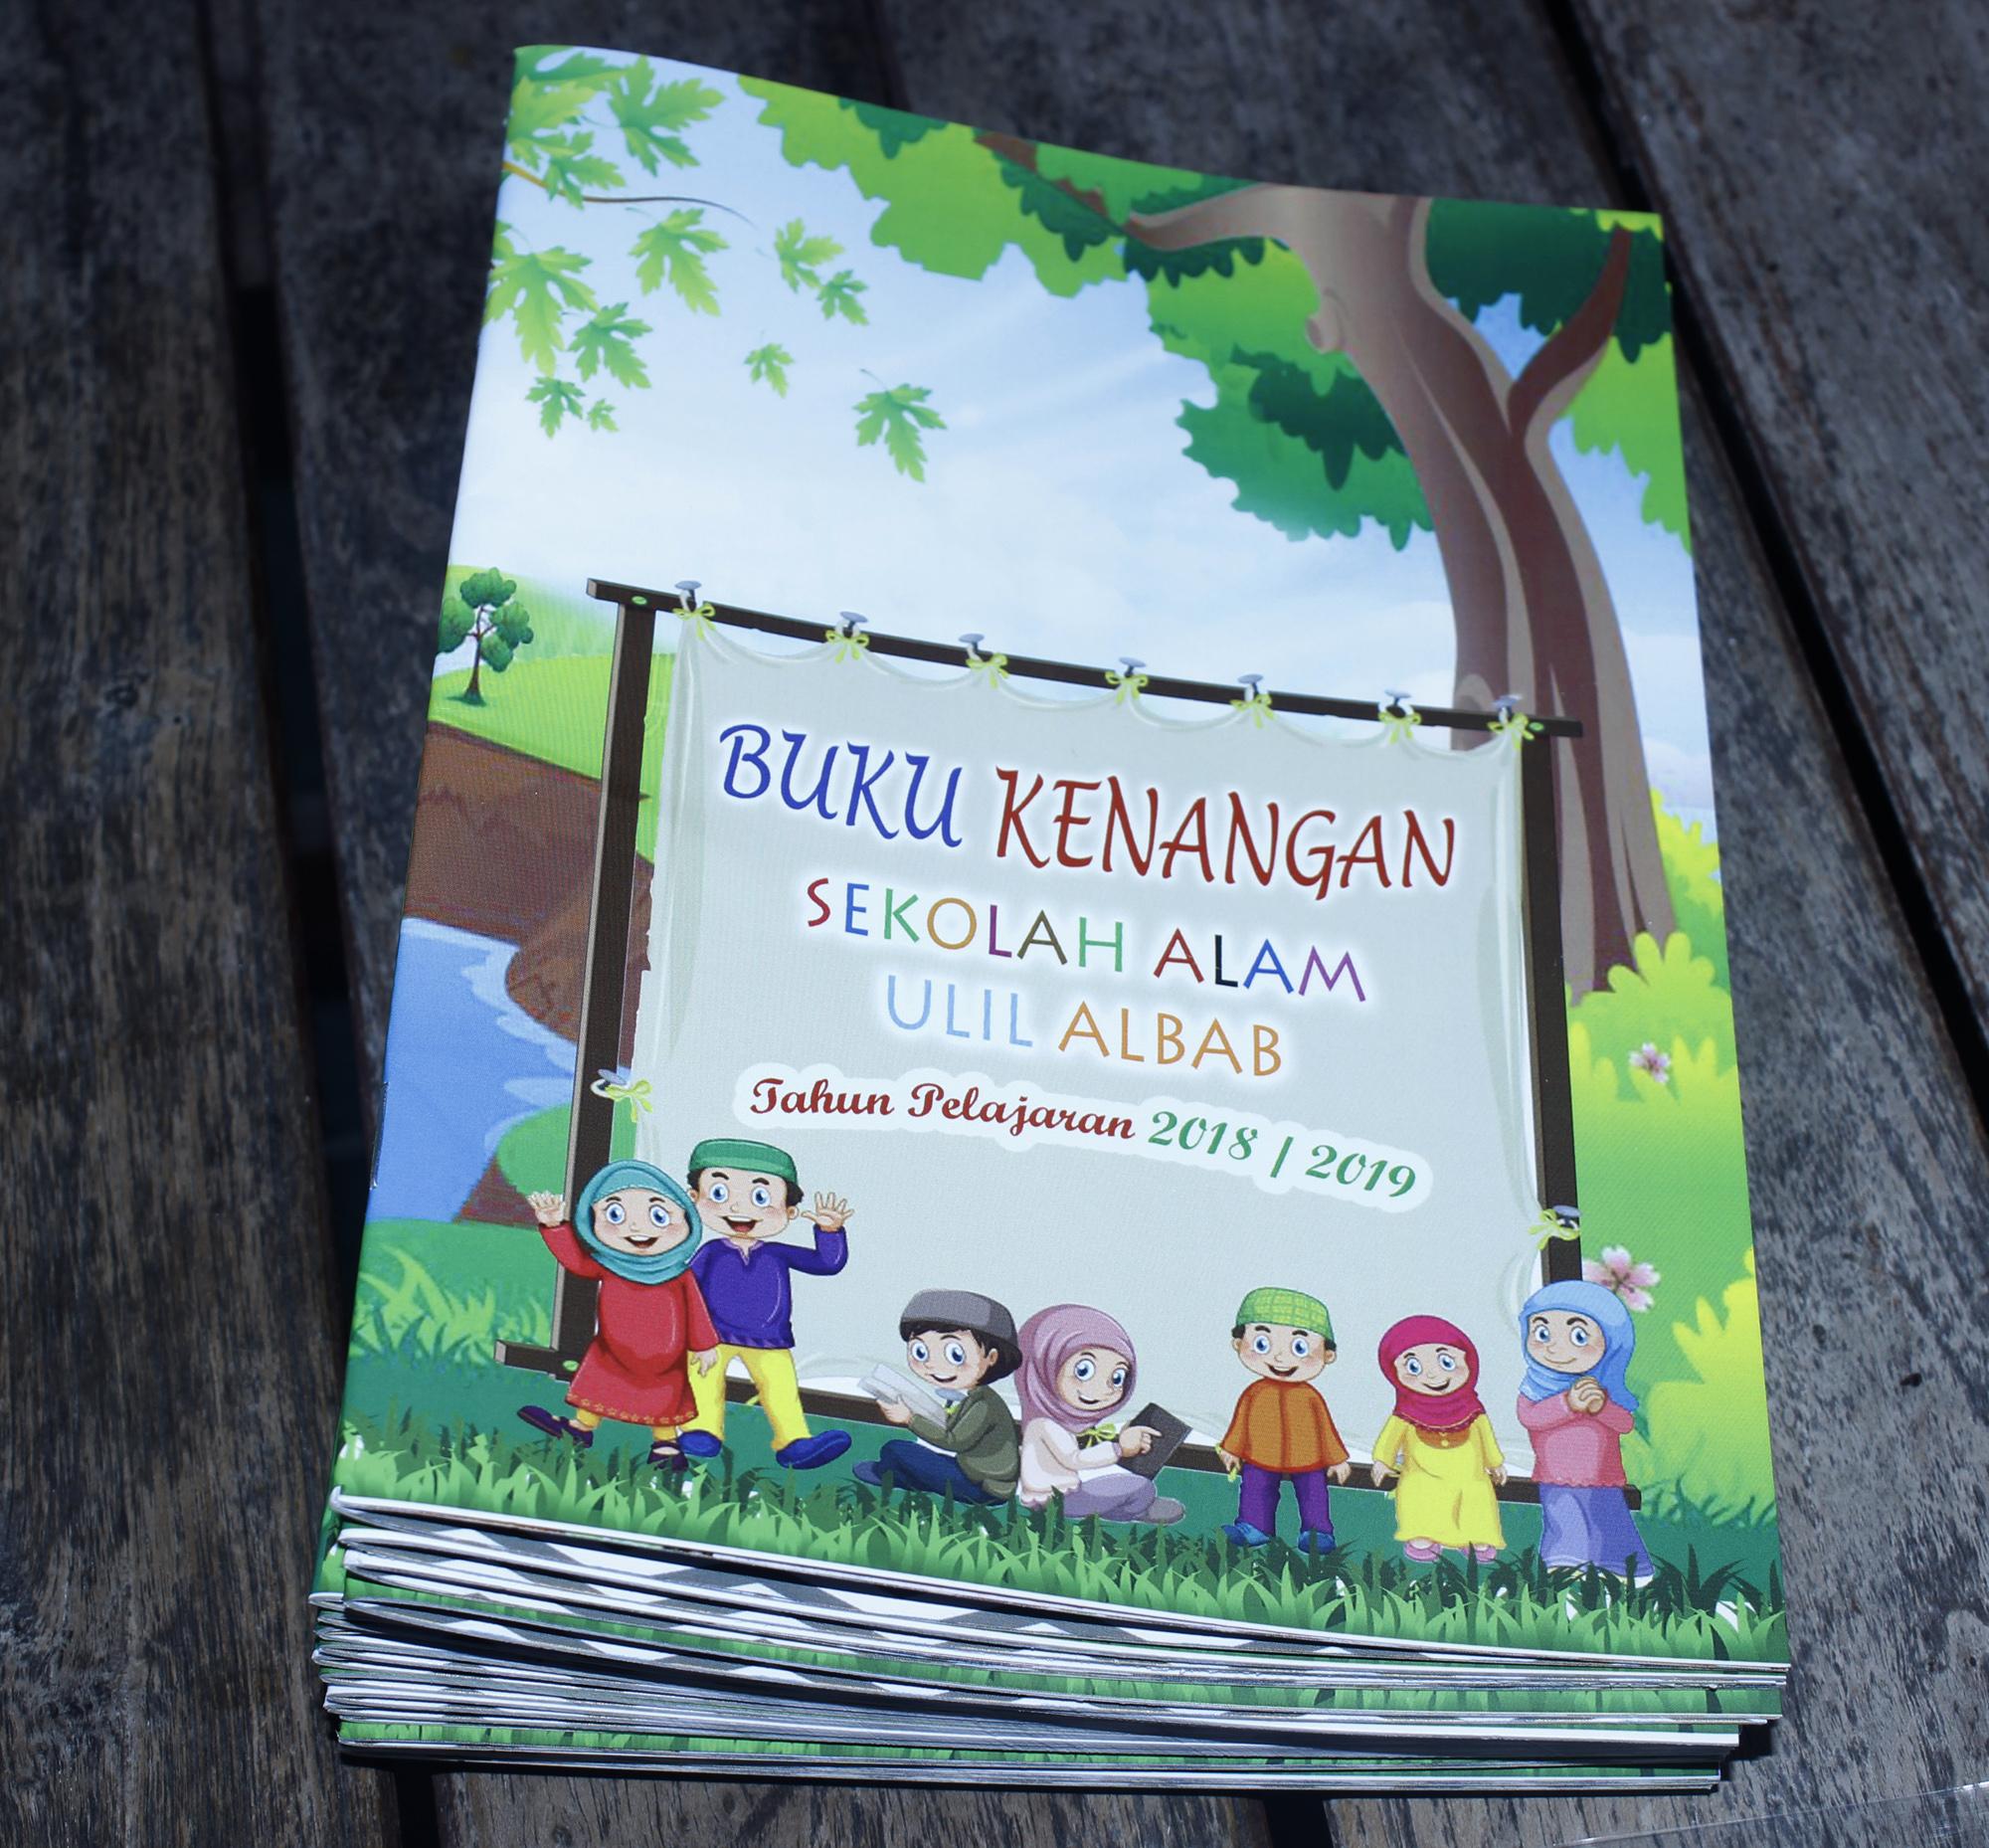 buku kenangan